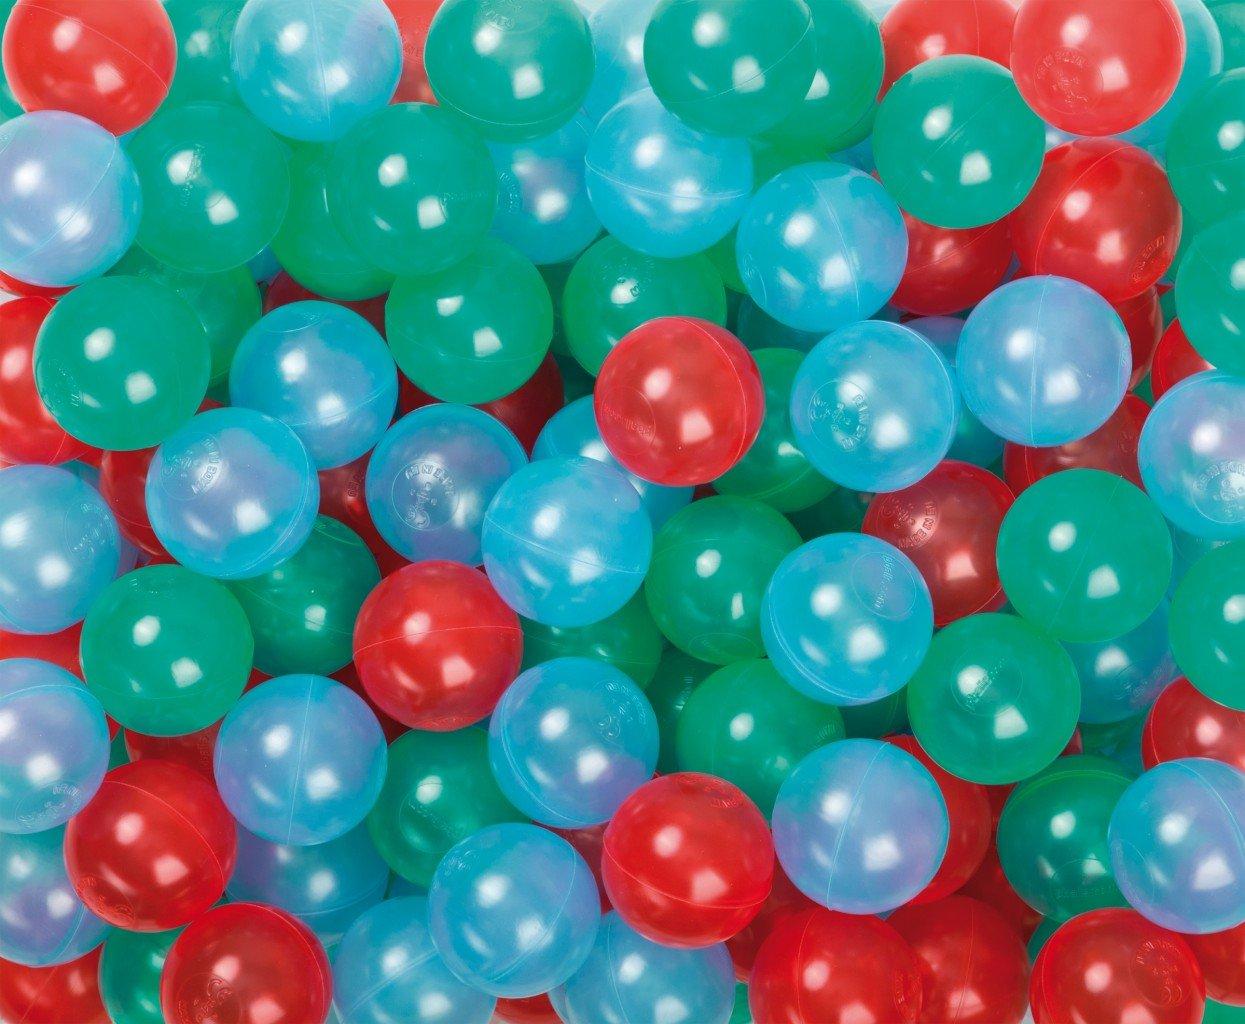 500 Stück Spiel- und Ballkugeln für`s Bällebad / Therapiebälle / Durchmesser: 75 mm / farblich sortiert jetzt bestellen